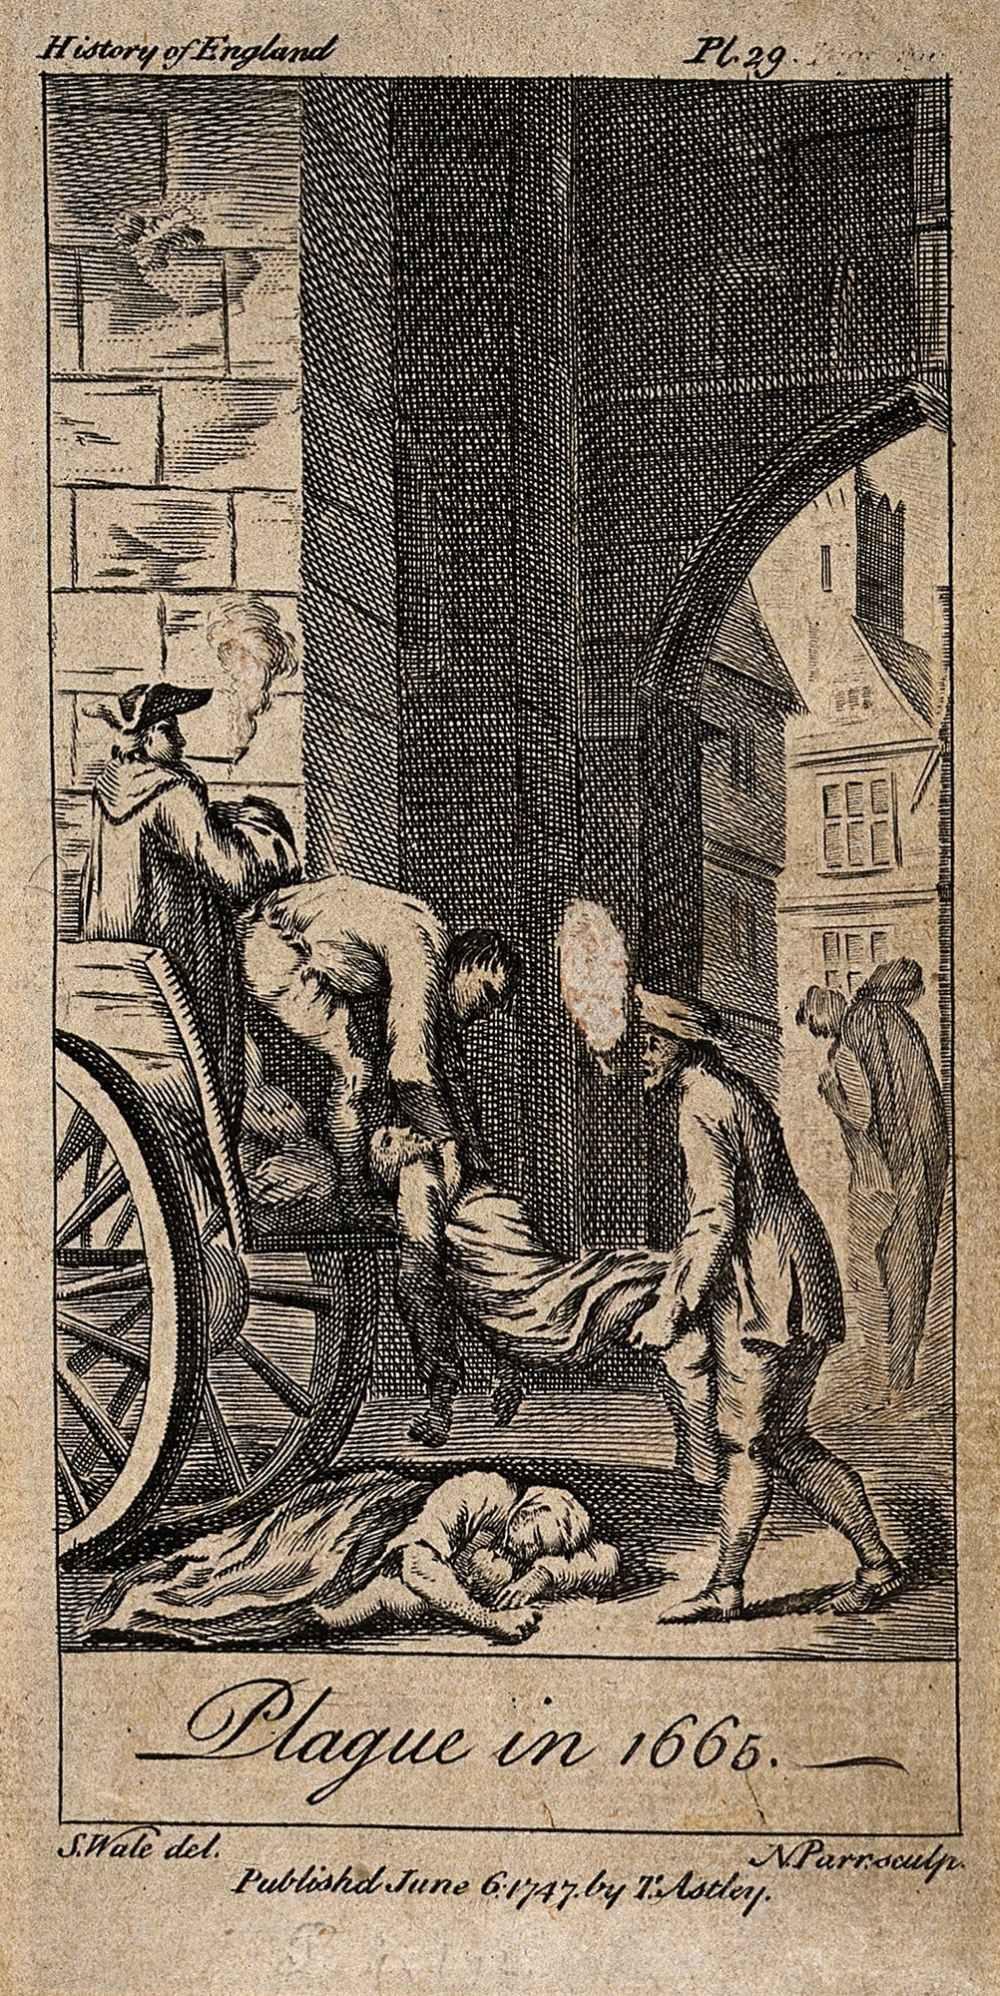 Samuel Wale. Las víctimas de la peste de 1665 son levantadas en un carro de la muerte. 1747. Wellcome Collection.